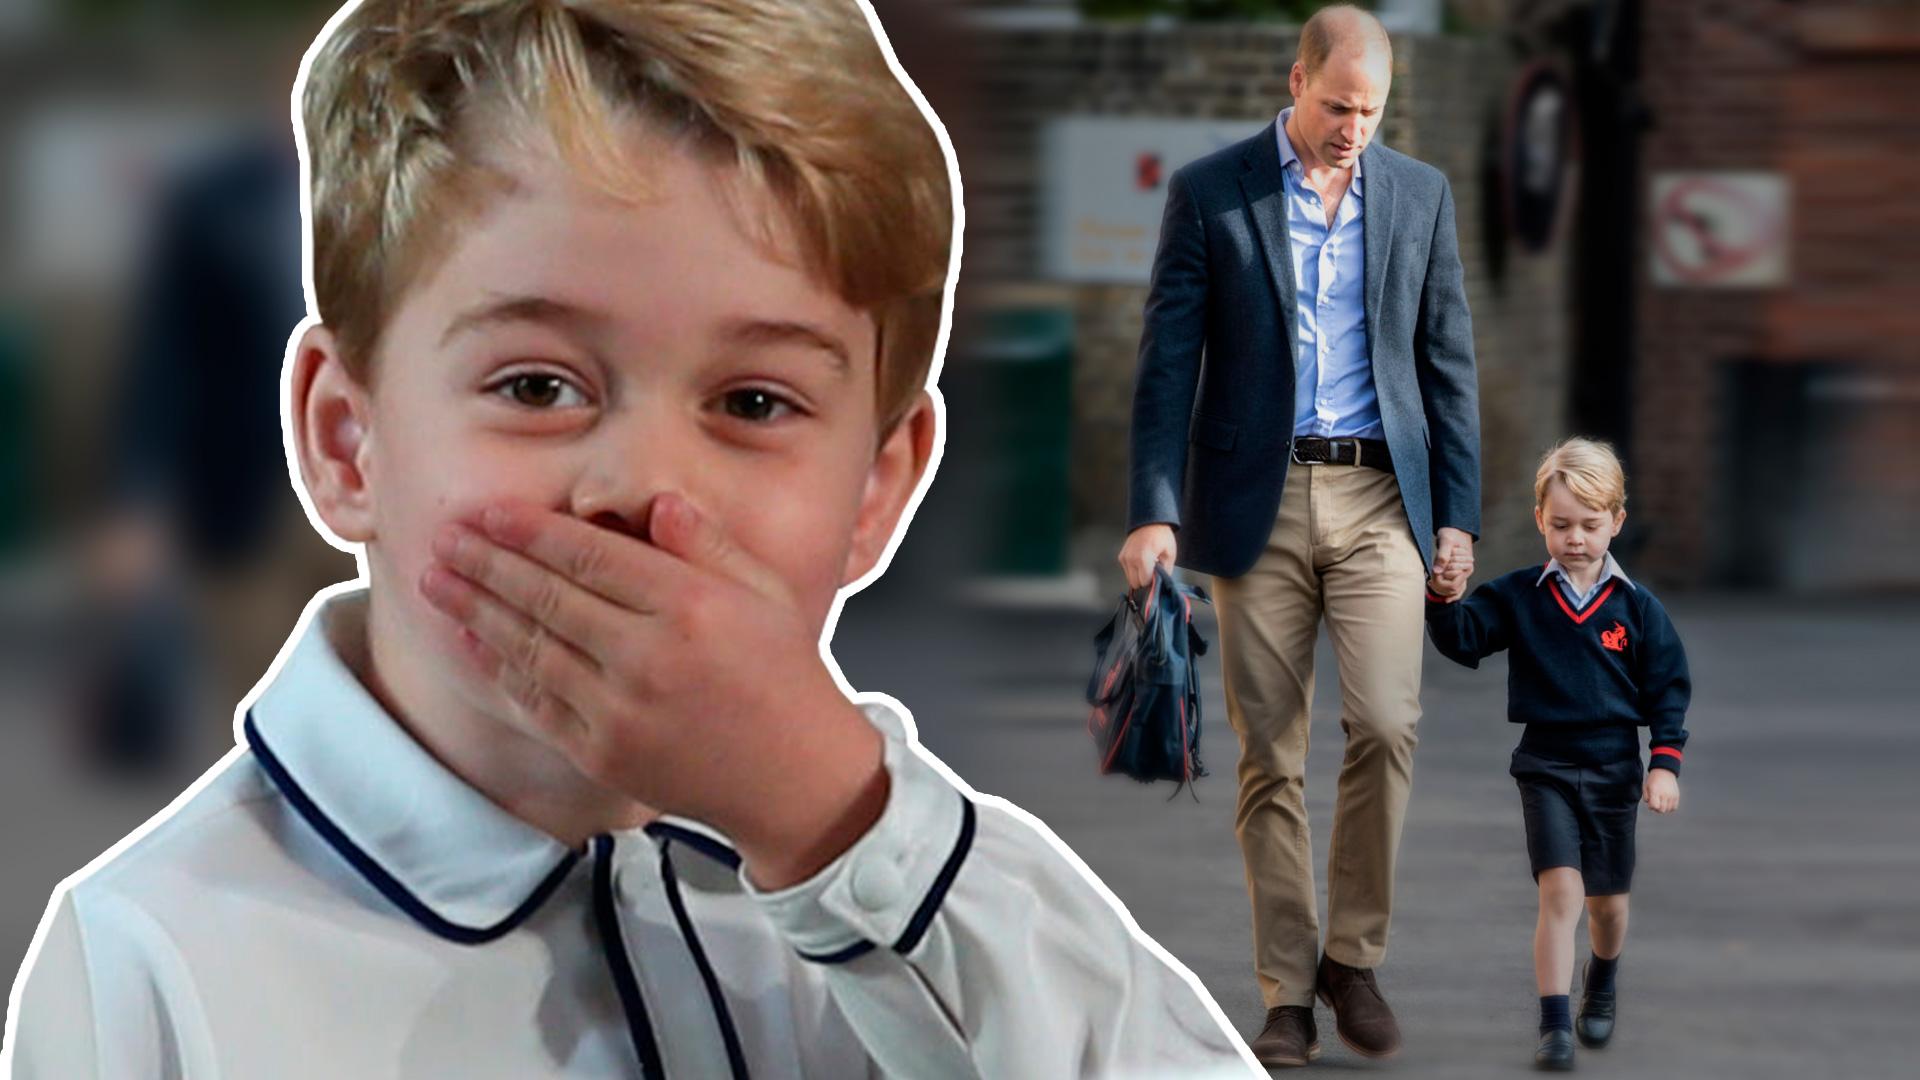 El príncipe George le hizo una tierna petición a su padre antes de que se fuera a trabajar